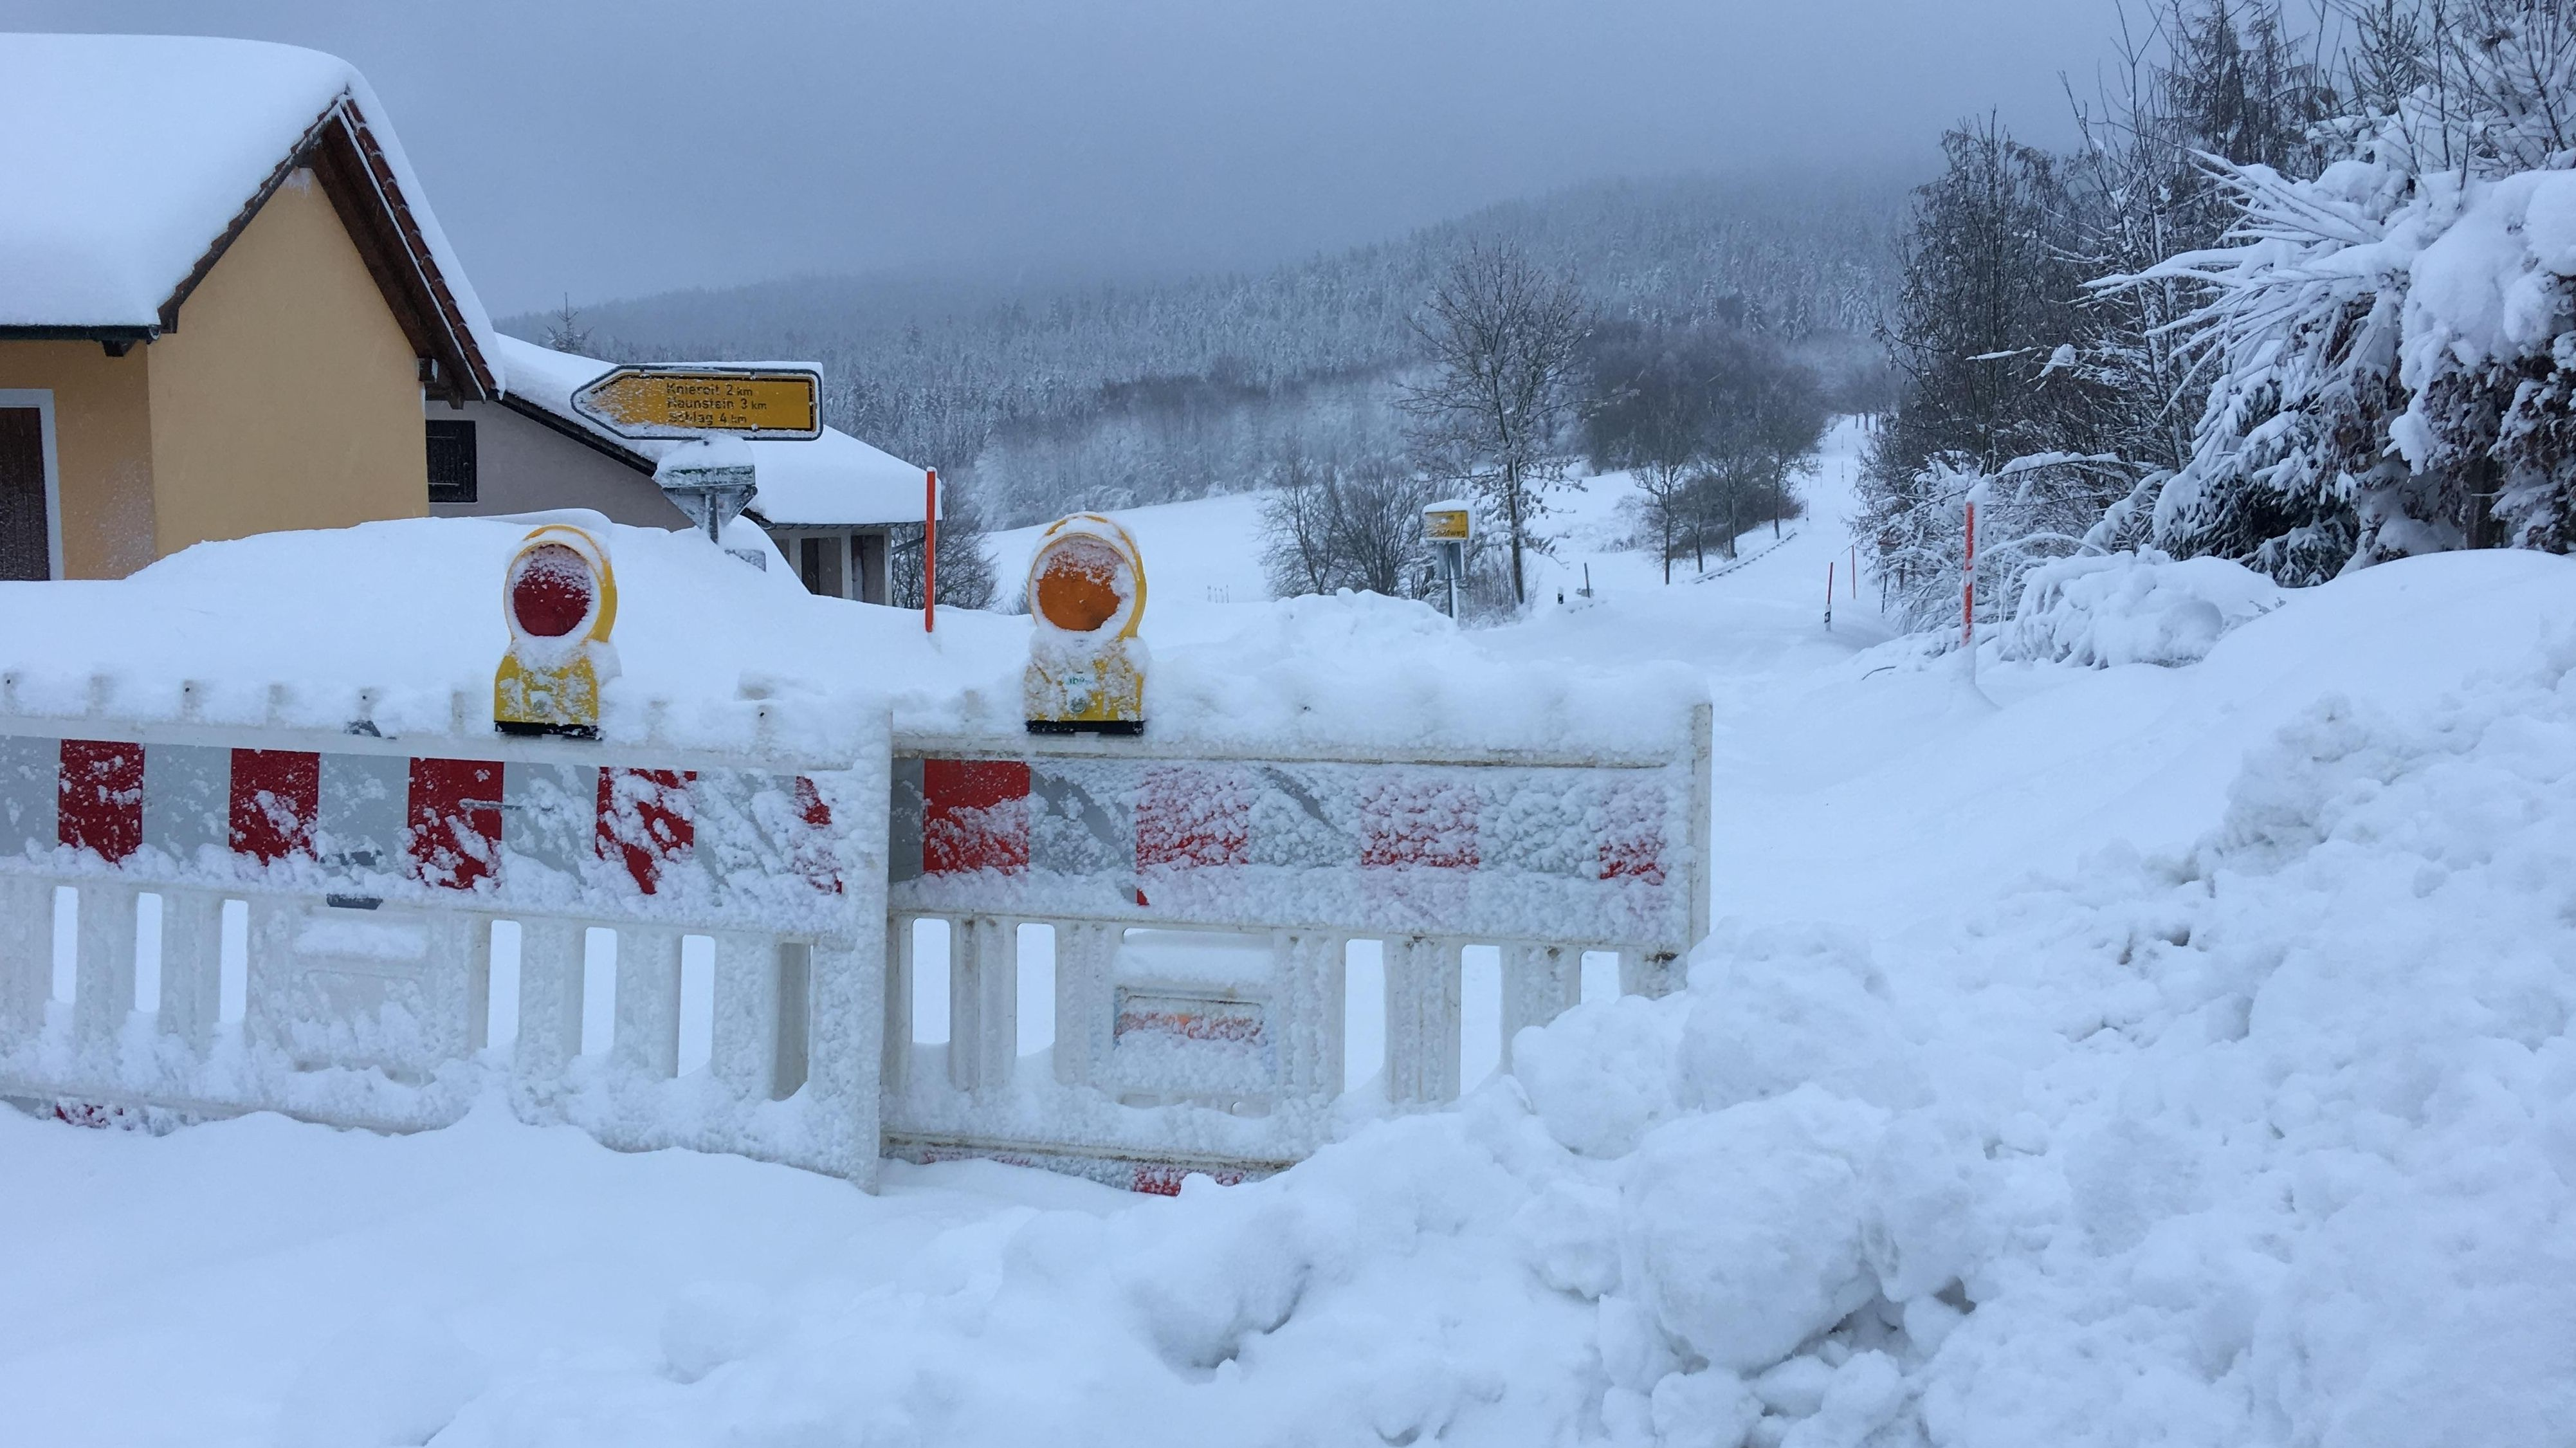 Straßensperrung wegen Schneeverwehungen im Kreis Freyung-Grafenau